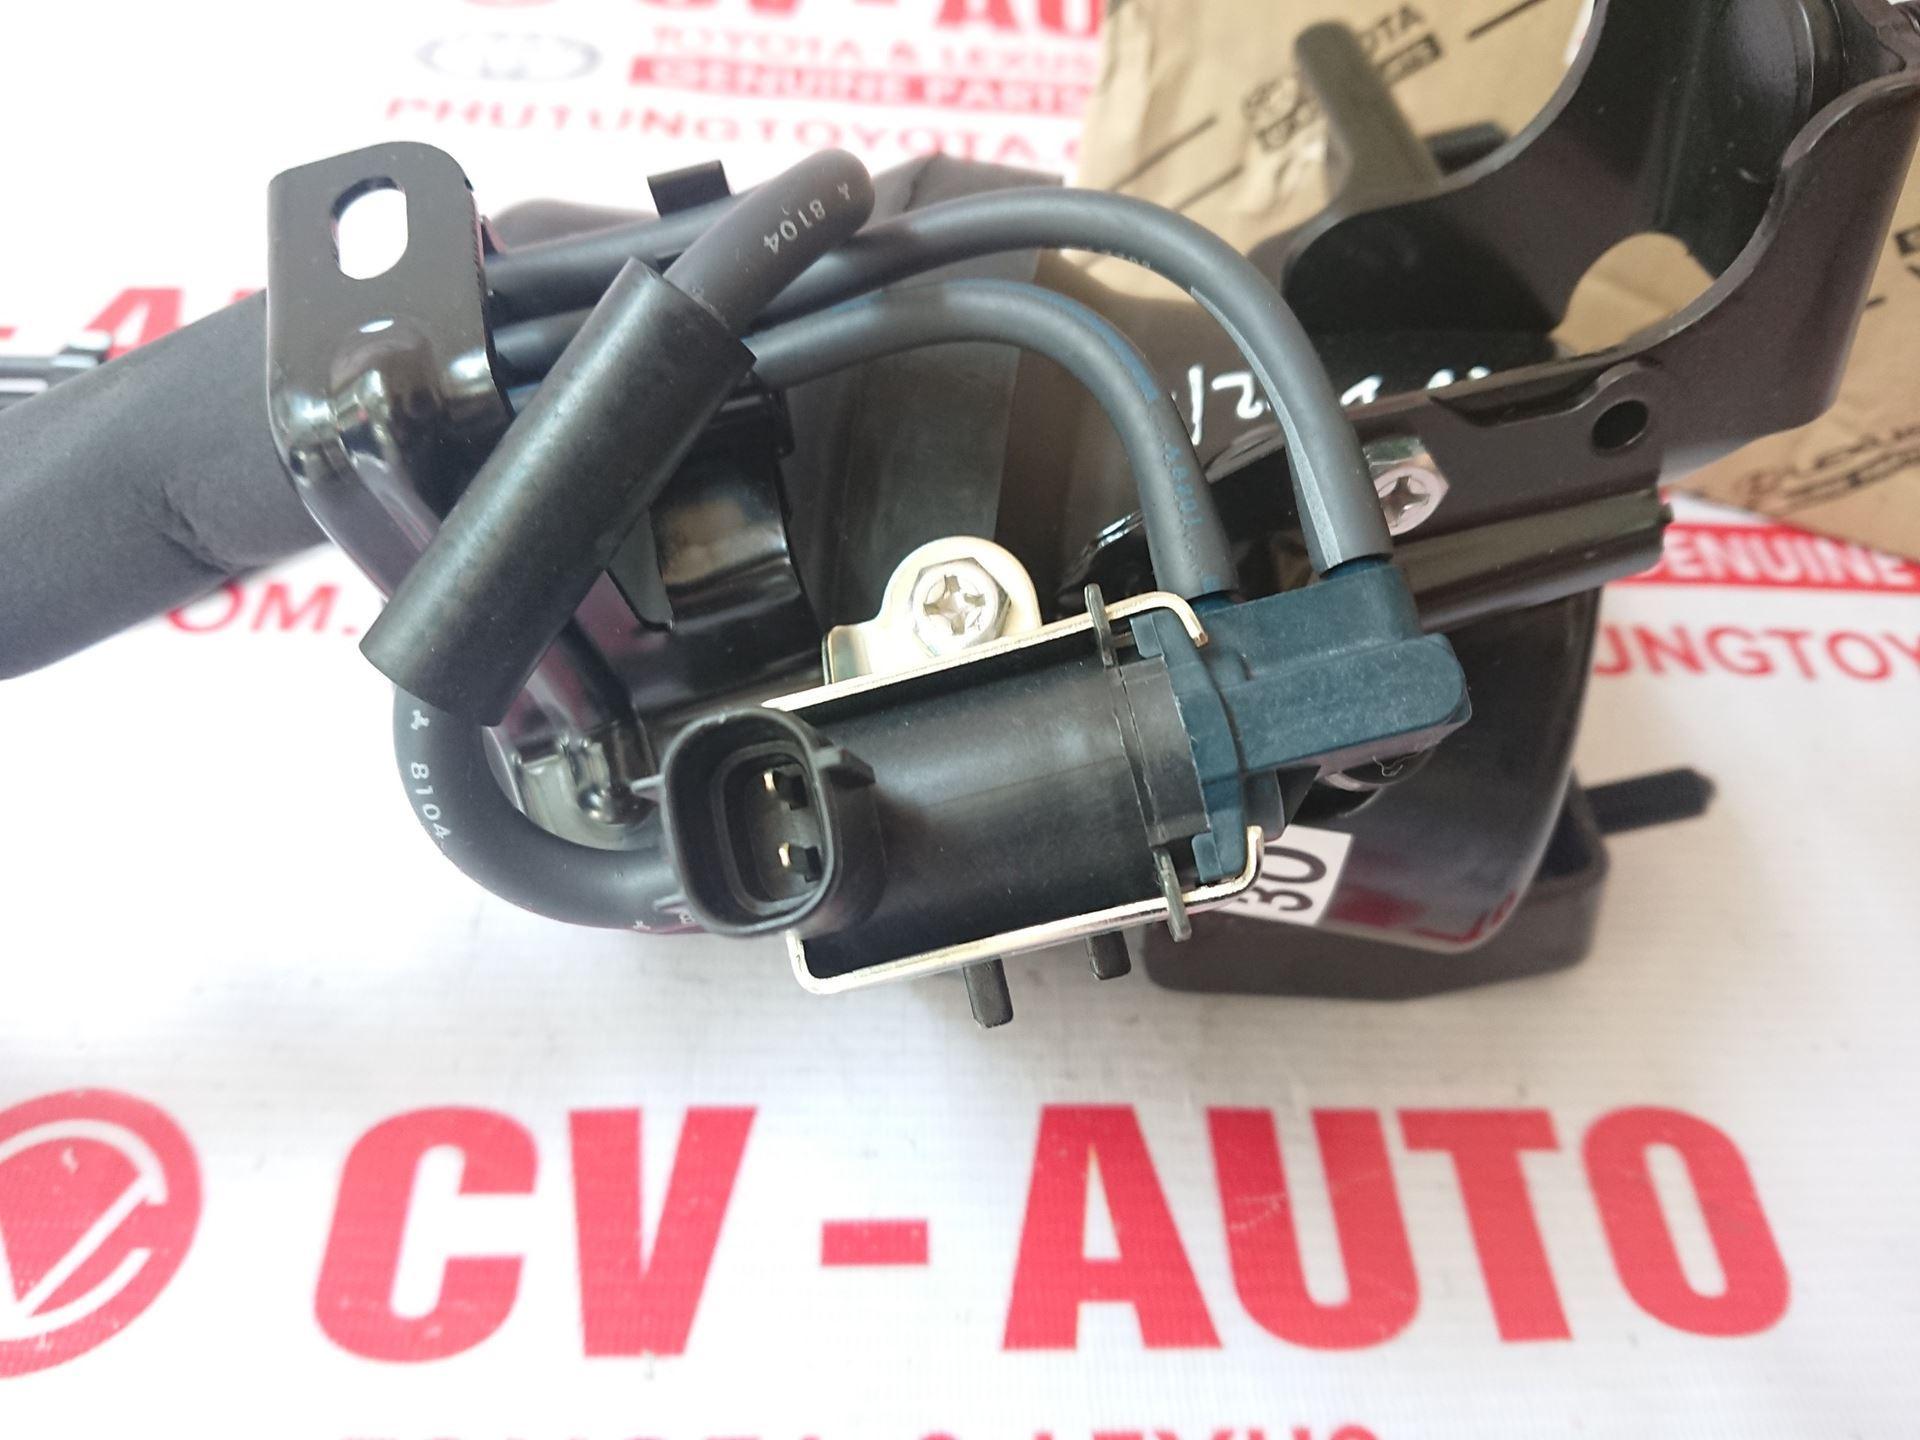 Picture of 12360-31011 Chân máy Toyota Camry 3.5, Venza 3.5, Avalon 3.5 xuất Mỹ